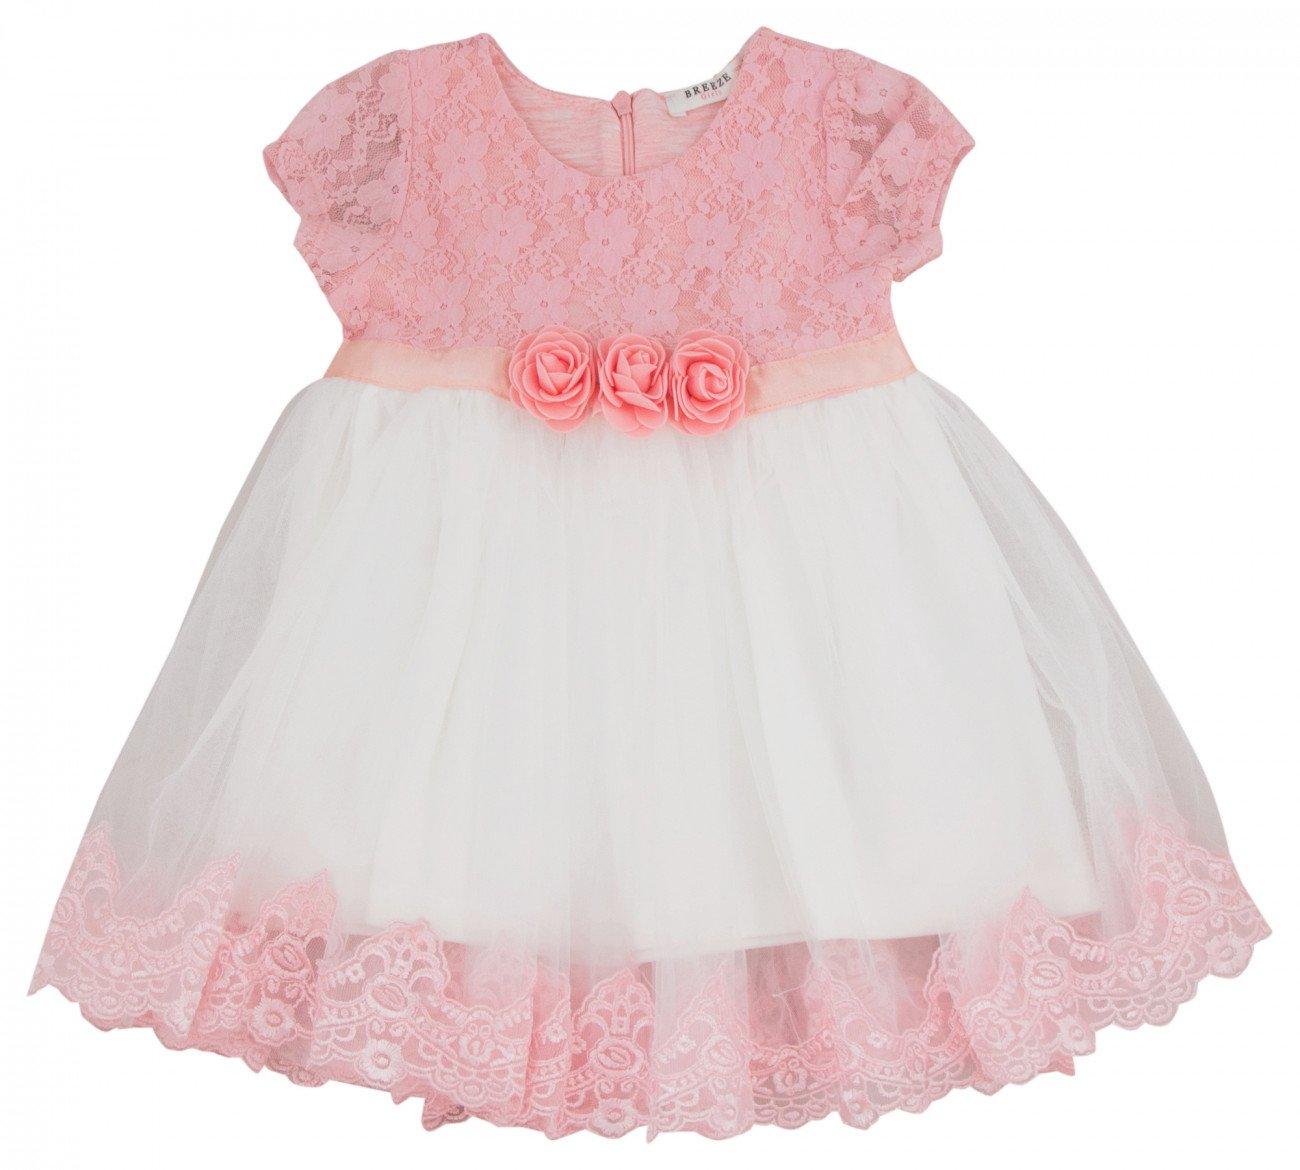 79cb47779cf Красивое платье для маленькой девочки купить онлайн